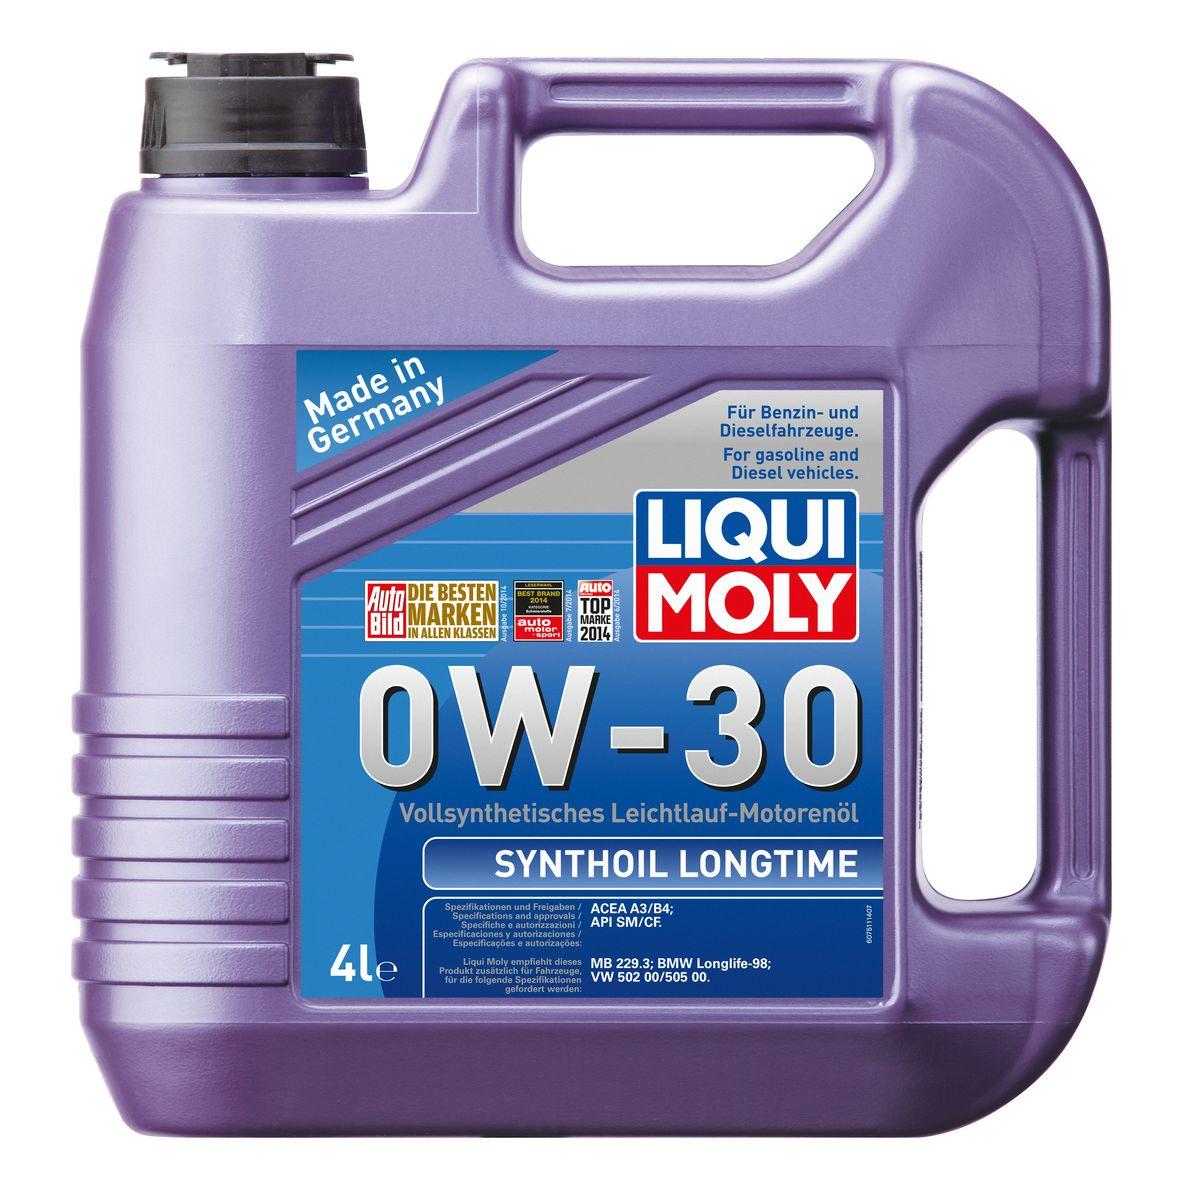 Масло моторное Liqui Moly Synthoil Longtime, синтетическое, 0W-30, 4 л liqui moly synthoil longtime plus 0w 30 5л